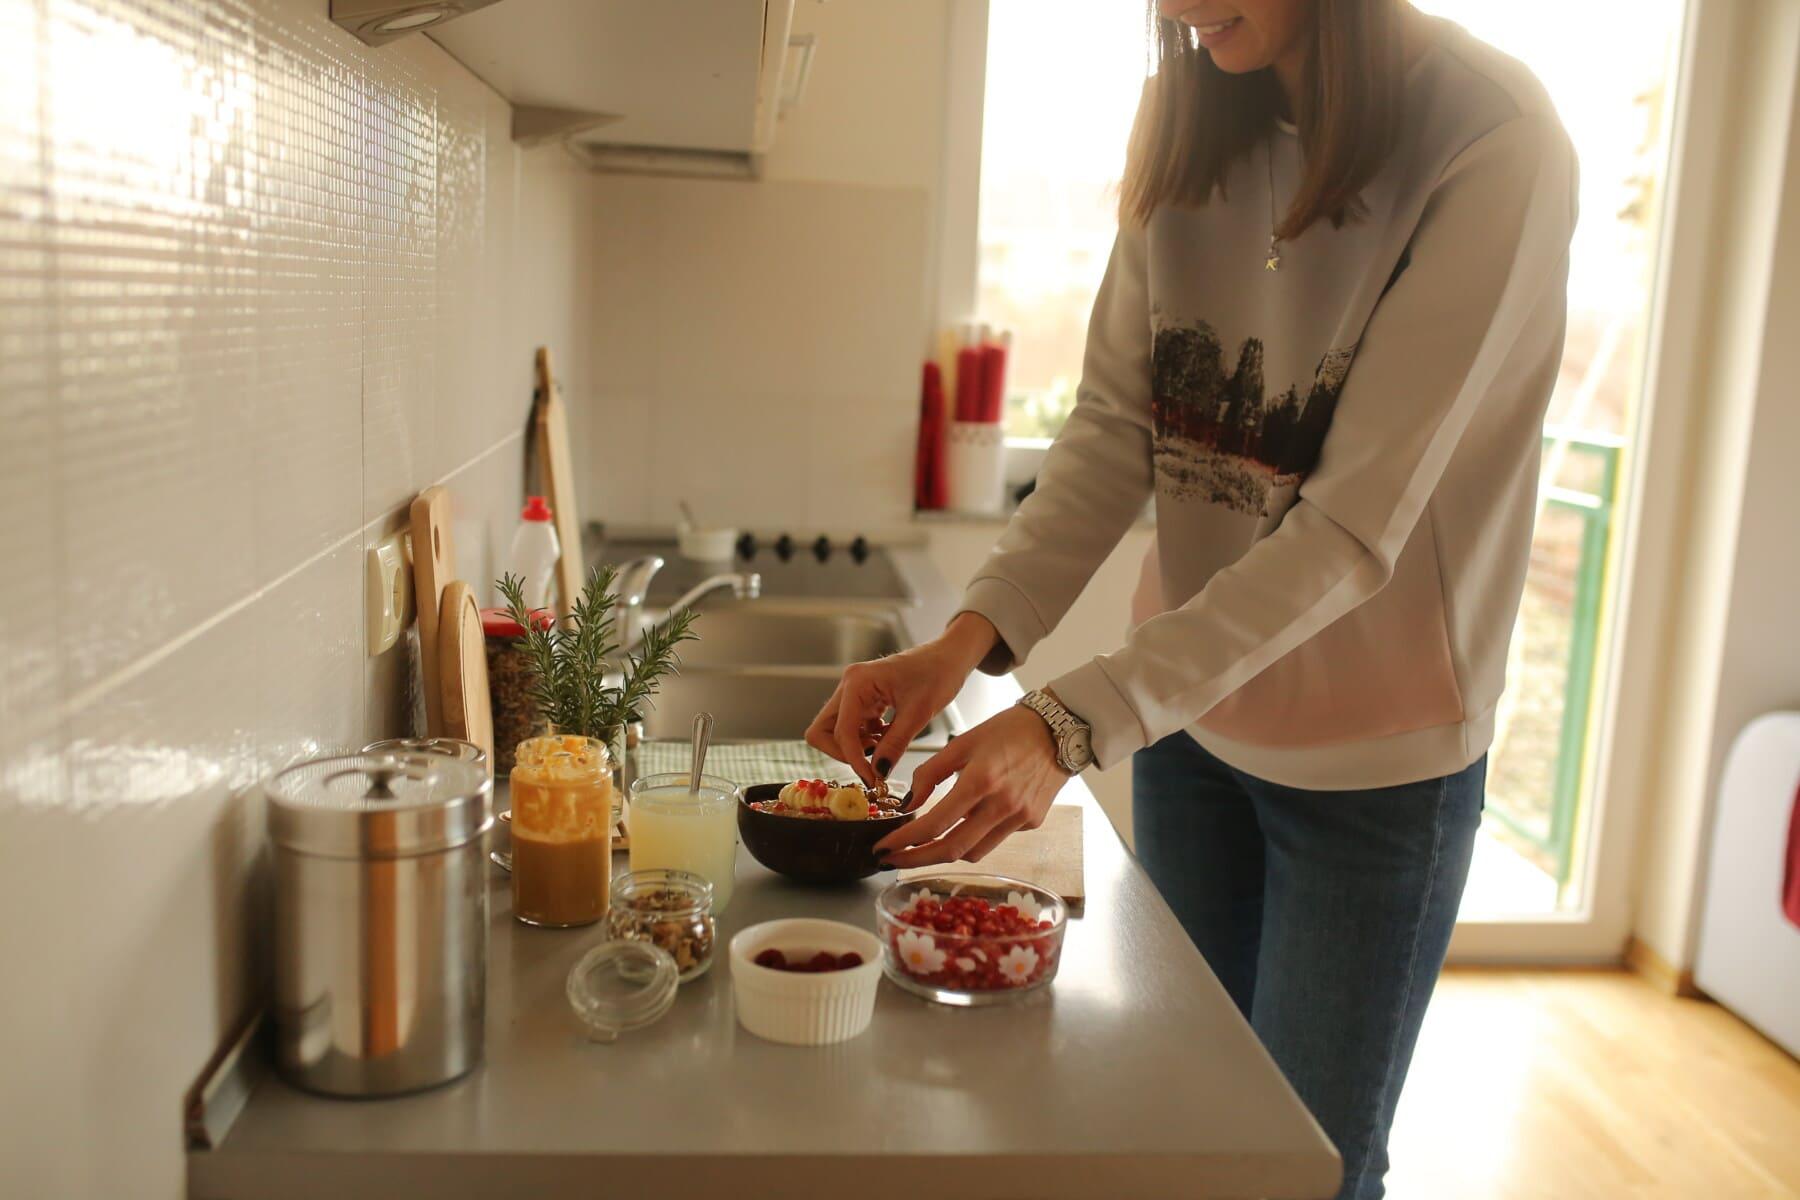 Vorbereitung, gesund, Frühstück, Banane, Müsli, Beeren, junge Frau, inländische, drinnen, Kochen